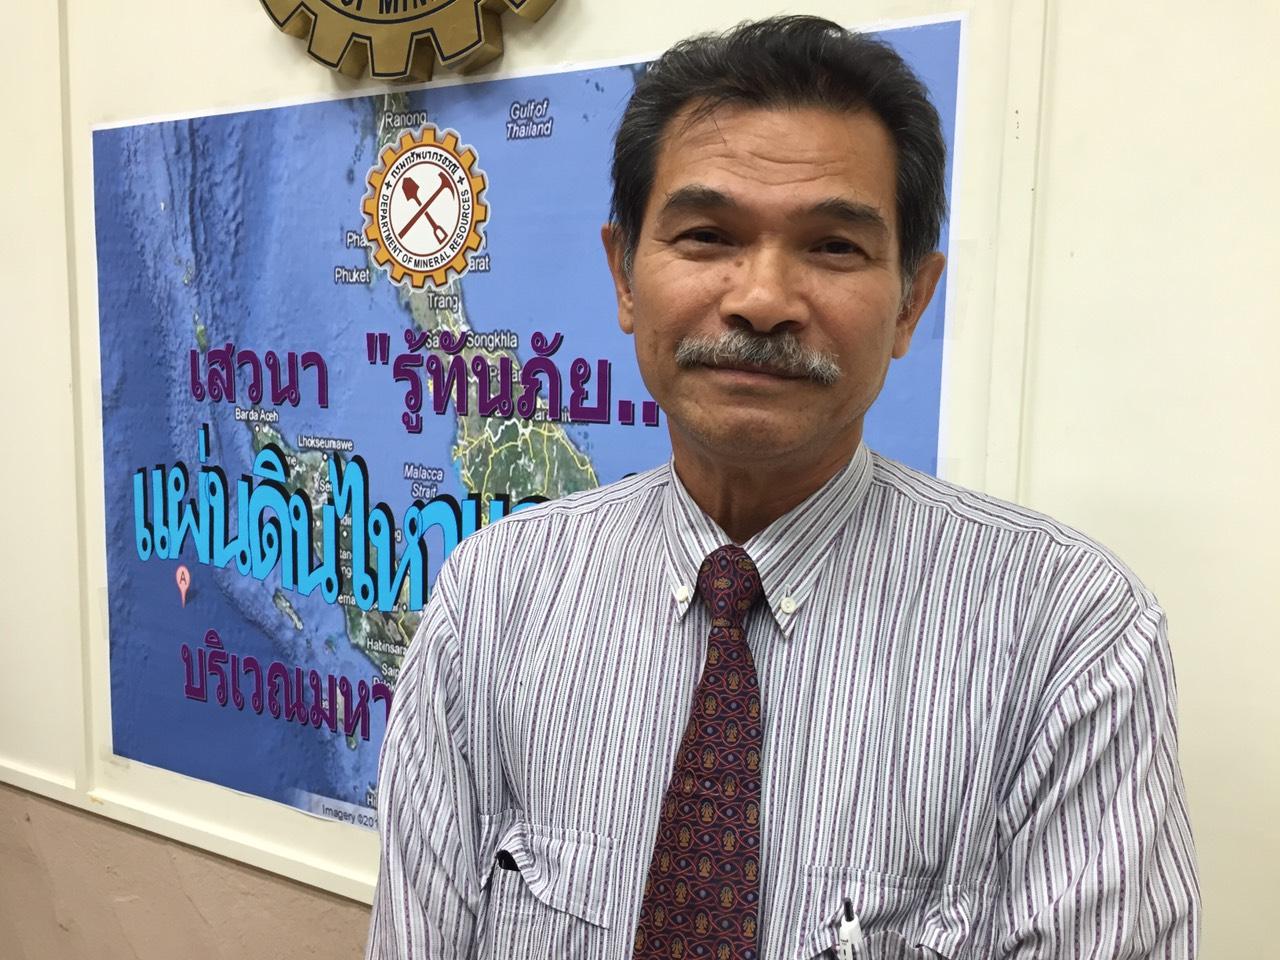 ชี้คลื่นยักษ์สึนามิ กระทบไทย 100 ปี มีโอกาสเกิดเพียง 1% แต่มักเกิดในที่เดิม !